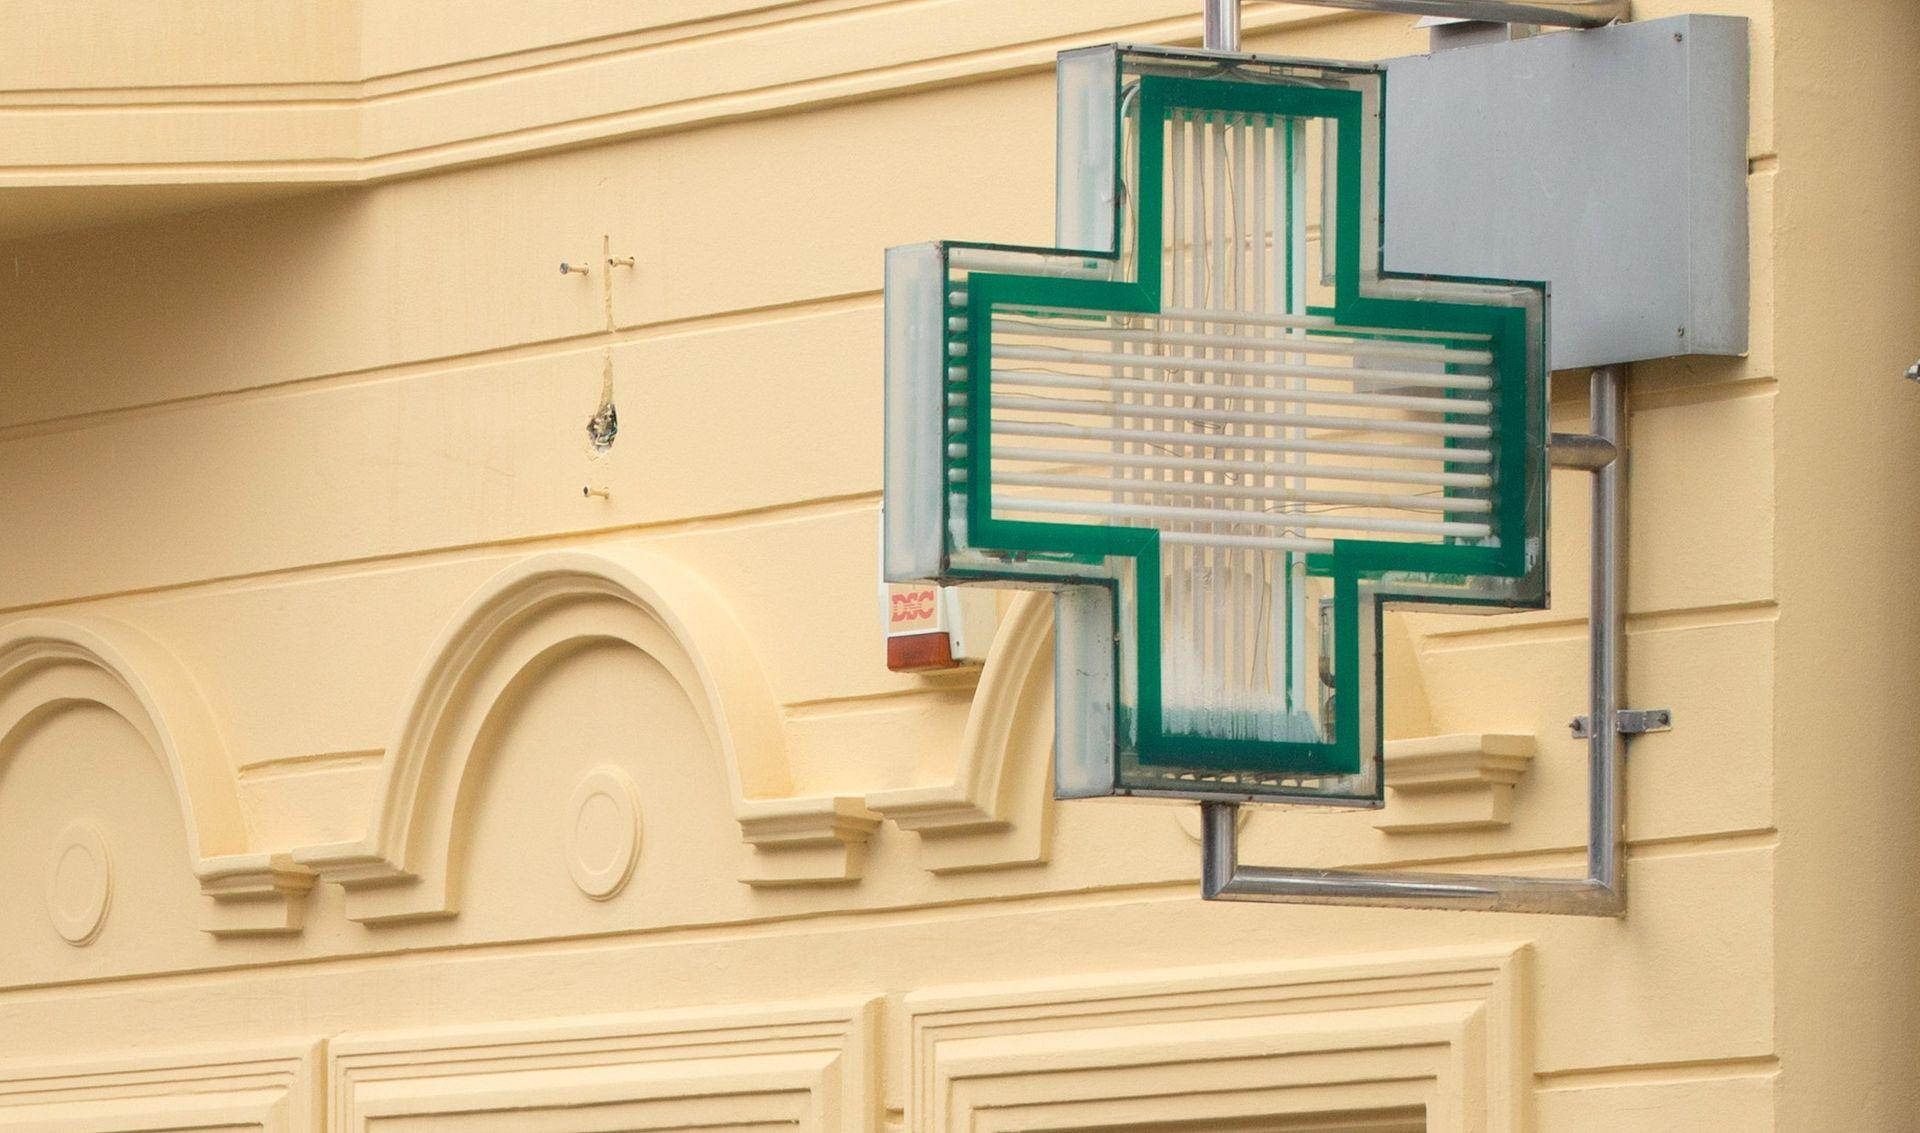 Gripa se širi Hrvatskom